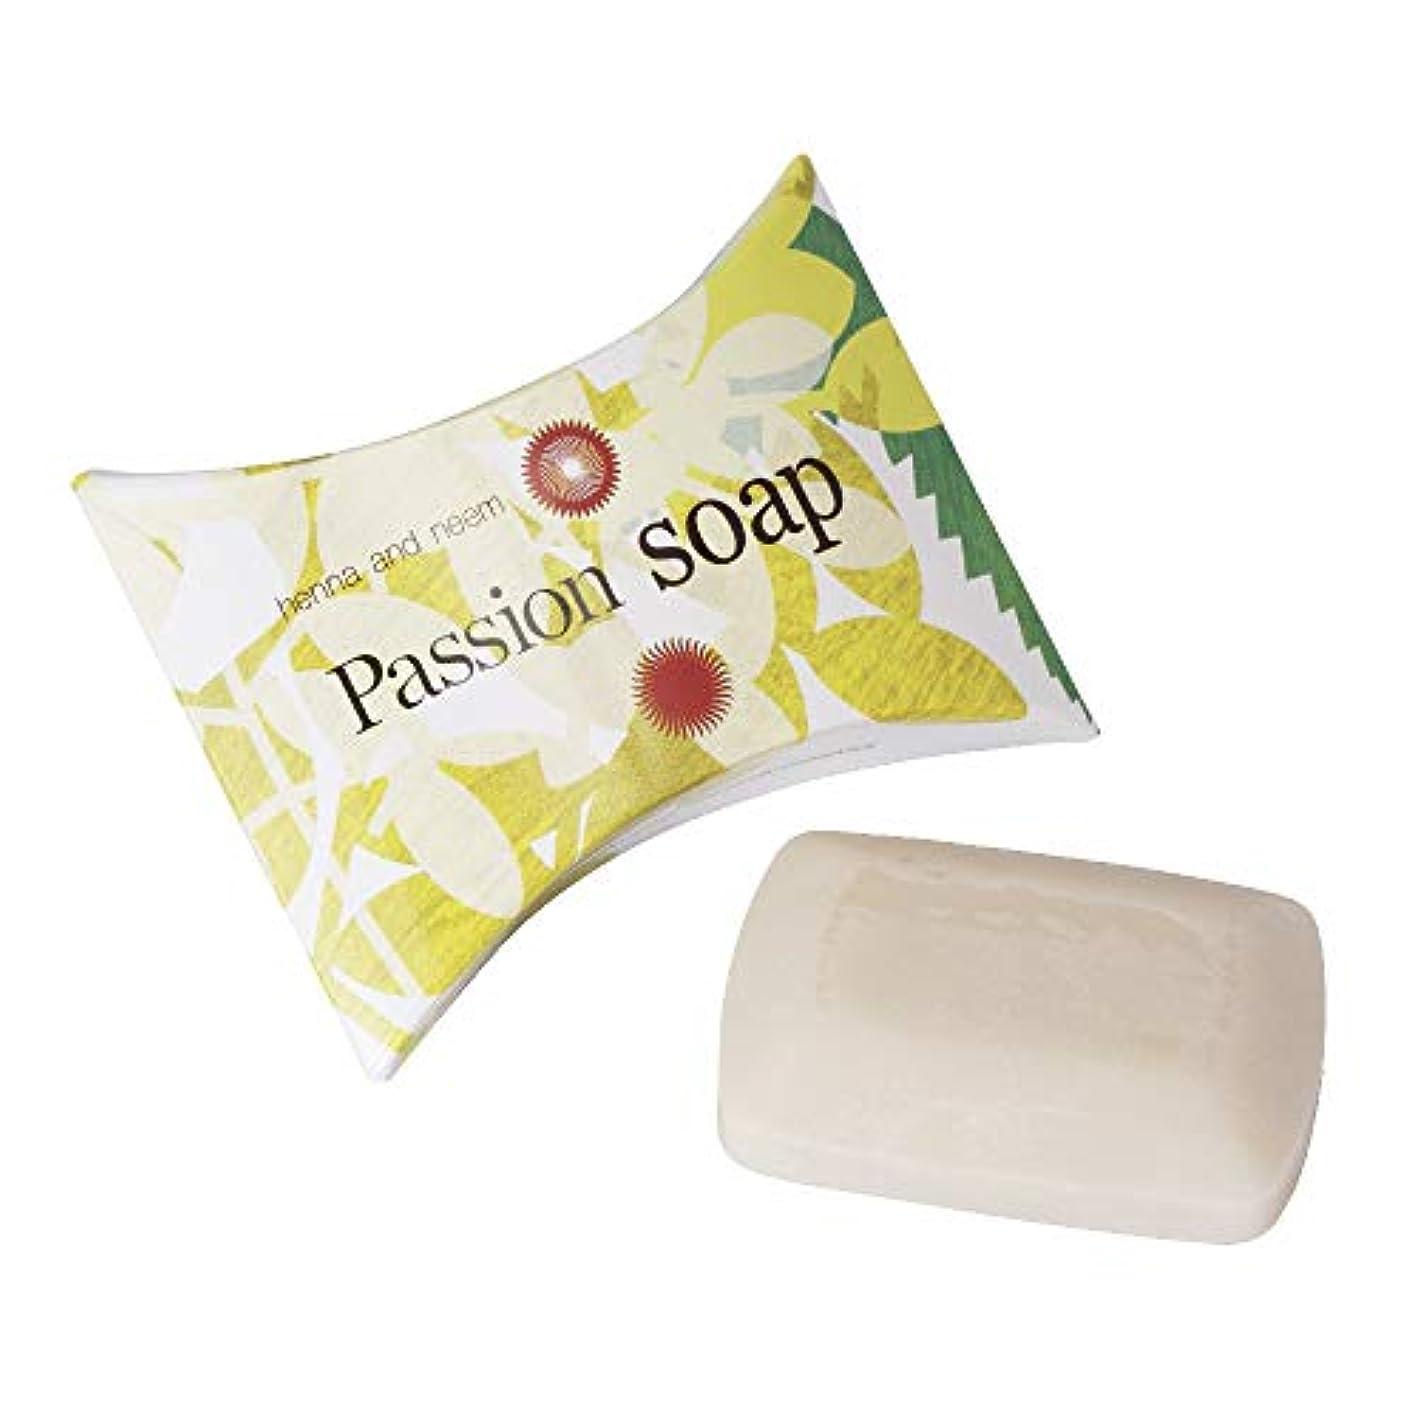 有利説明流行ヘナソープ PASSION SOAP 天然サポニンで洗う優しいハーブ石鹸